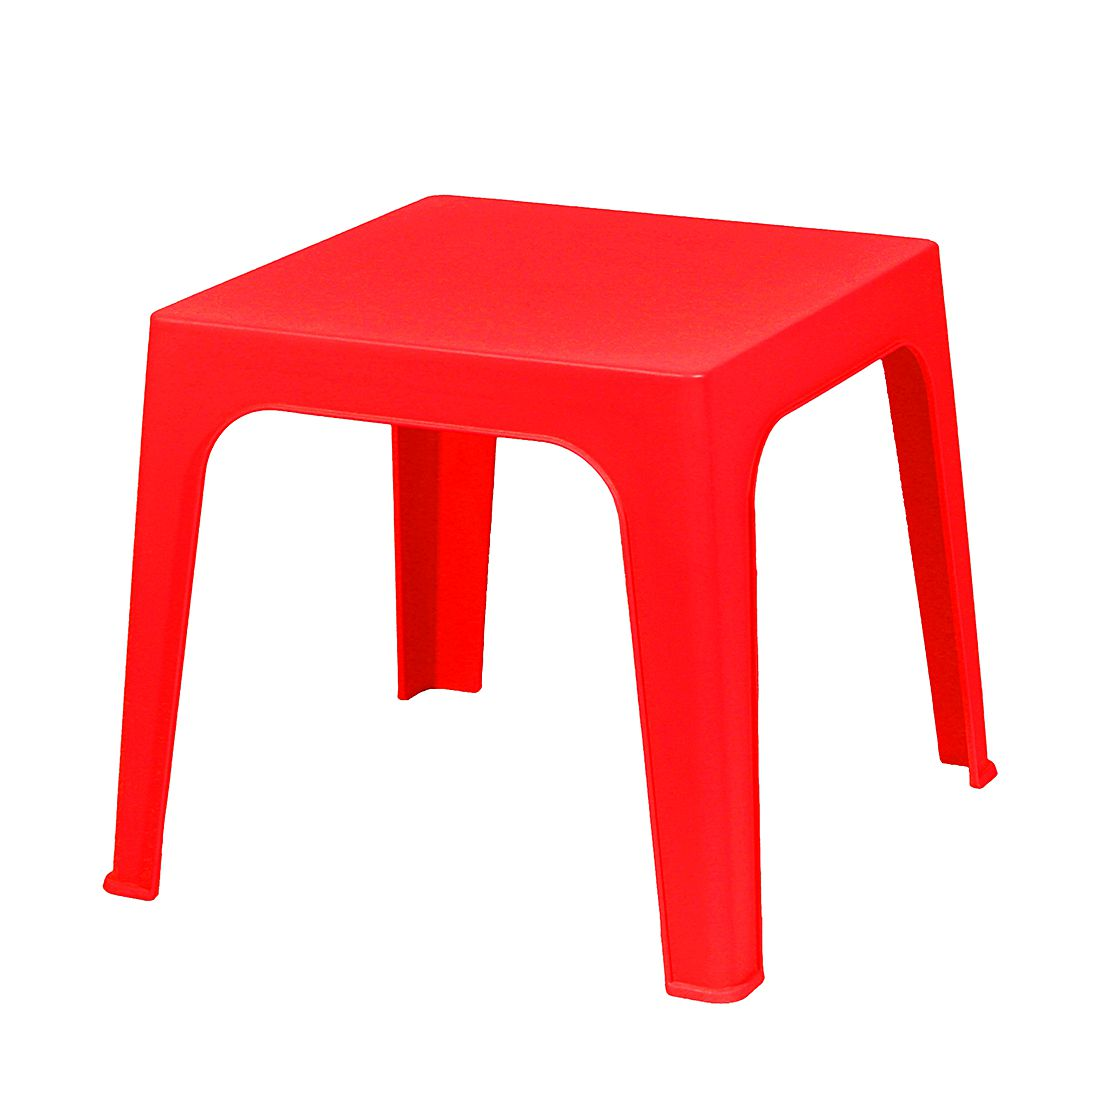 Kindertisch Julieta – Kunststoff – Rot, Blanke Design jetzt bestellen